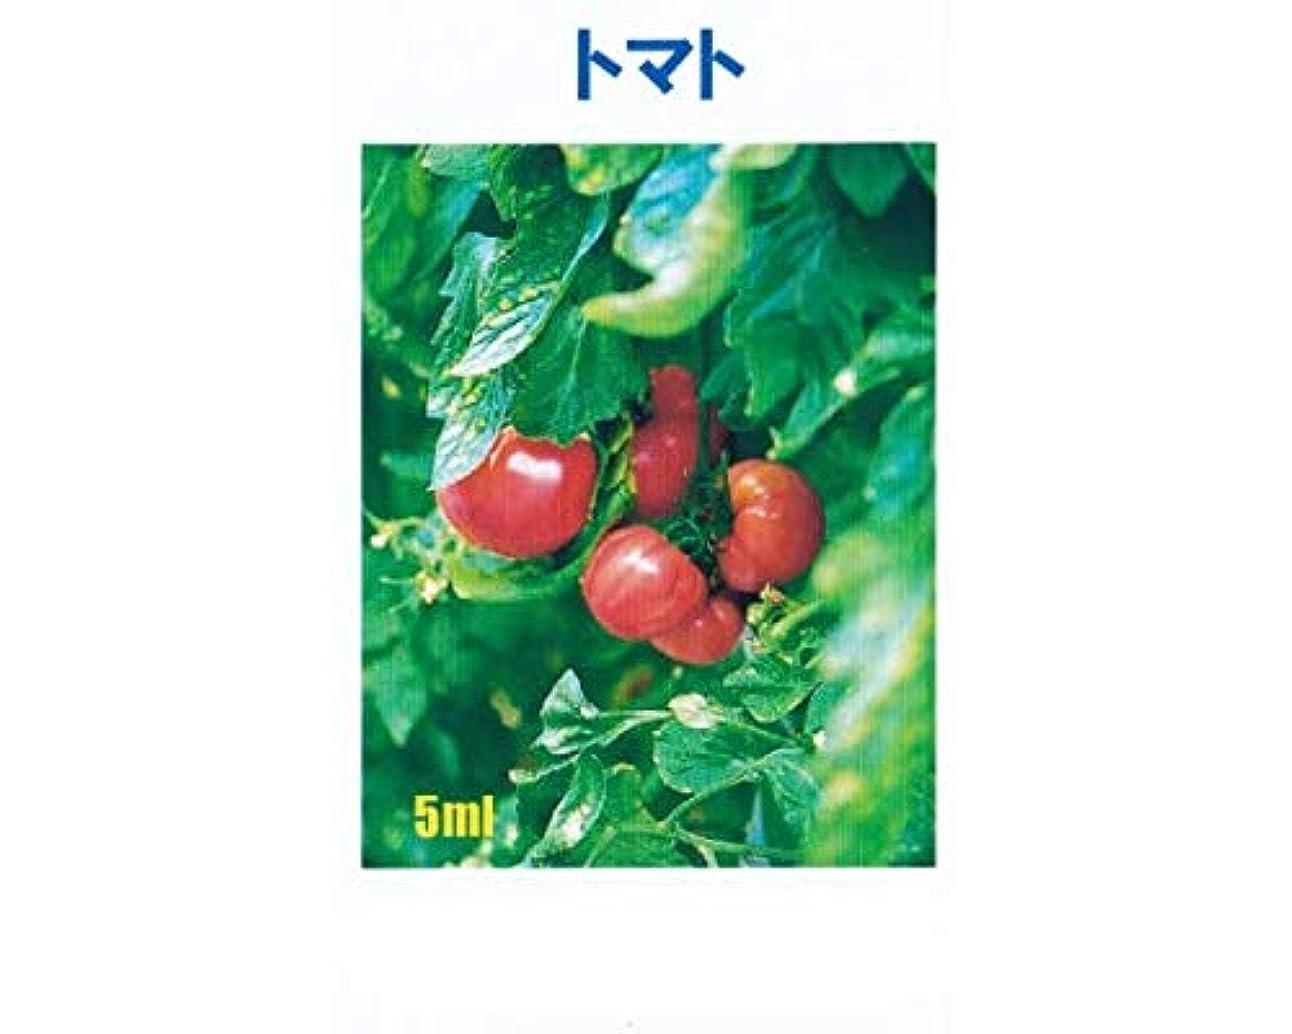 家ブラストミスペンドアロマオイル トマト 5ml エッセンシャルオイル 100%天然成分